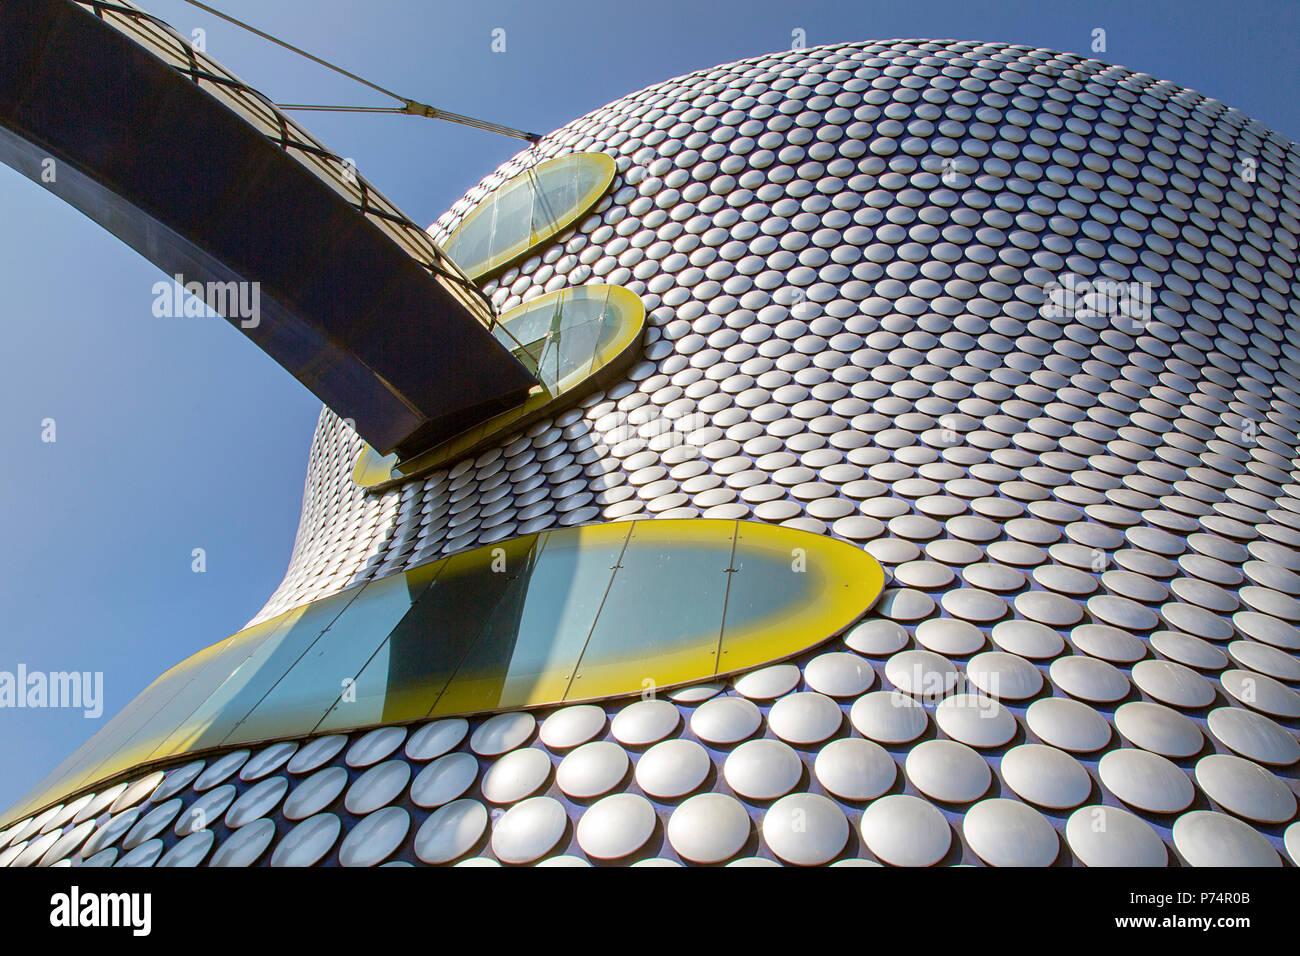 Birmingham, Vereinigtes Königreich: 29. Juni 2018: Selfridges ist einer der markantesten und Wahrzeichen der Stadt Birmingham und ein Teil der Bullring Shopping Centre Stockbild